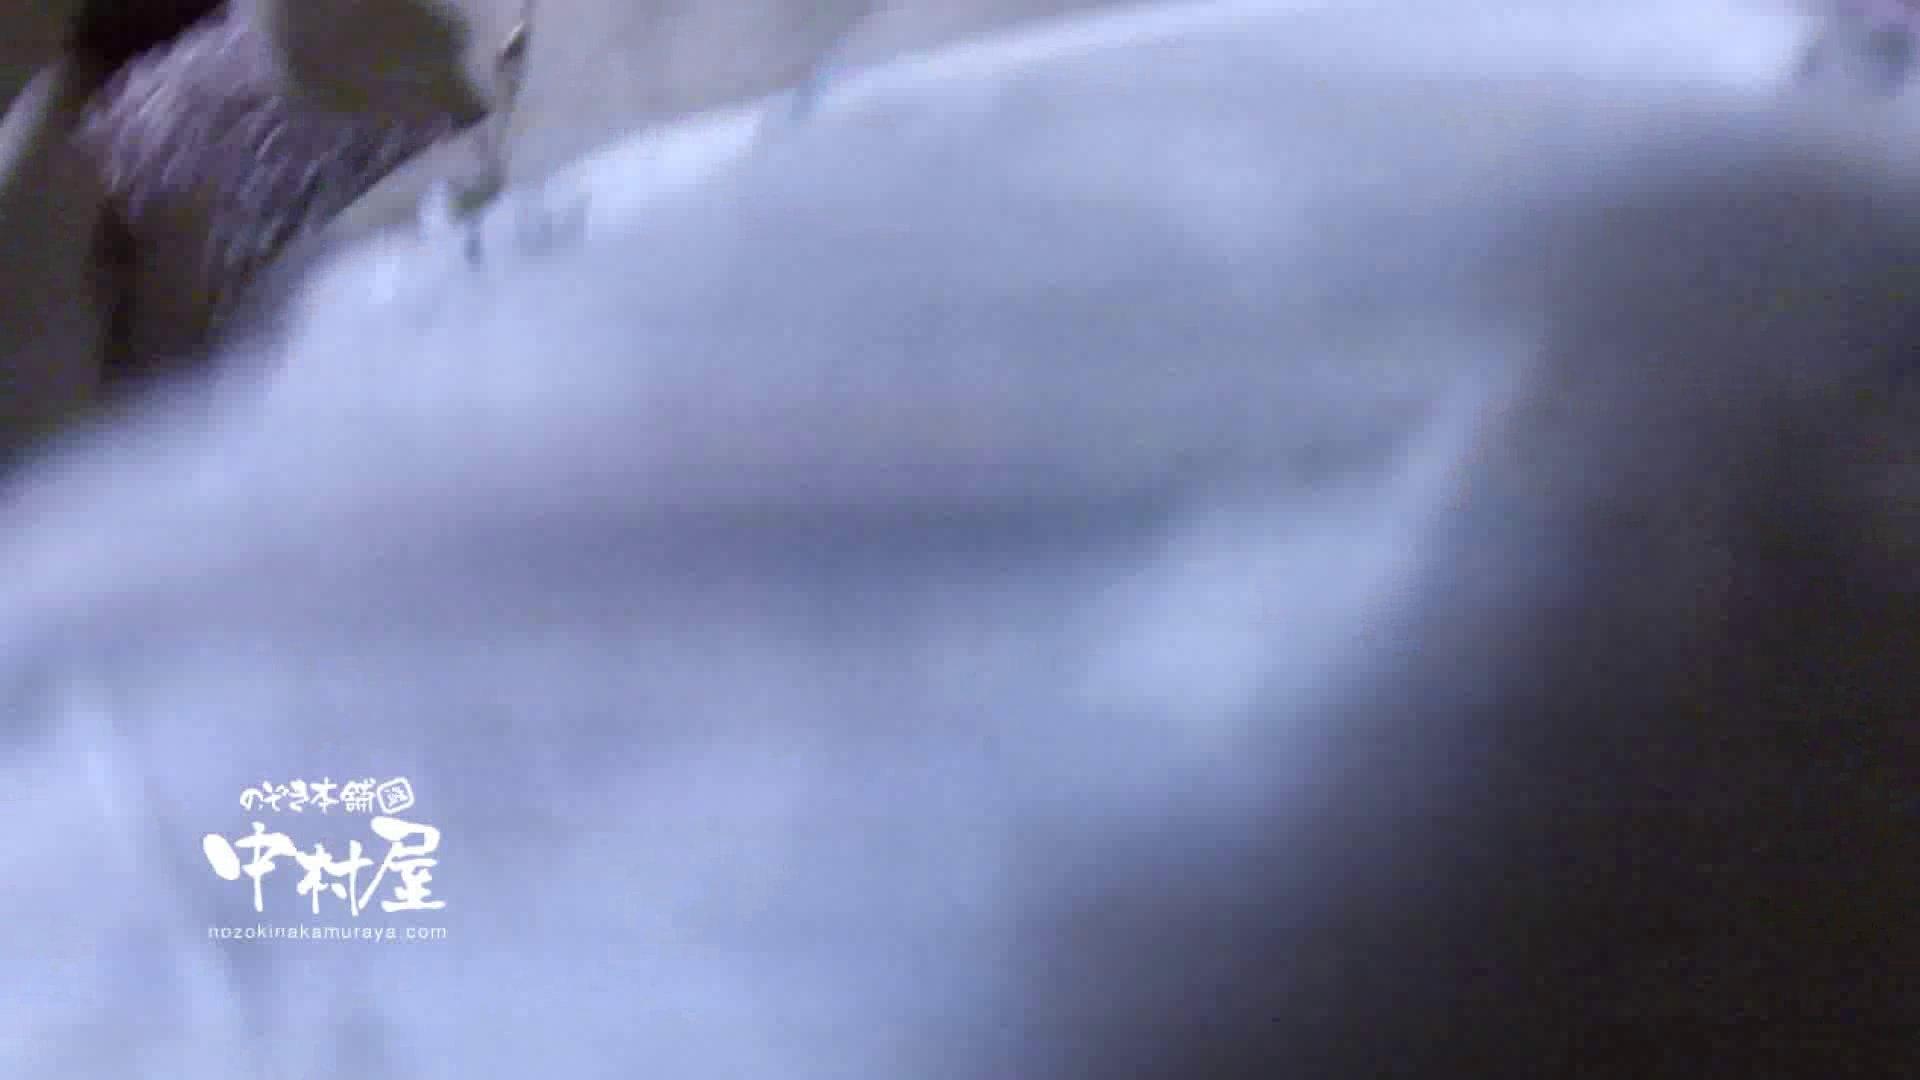 鬼畜 vol.10 あぁ無情…中出しパイパン! 前編 鬼畜 セックス画像 102枚 79